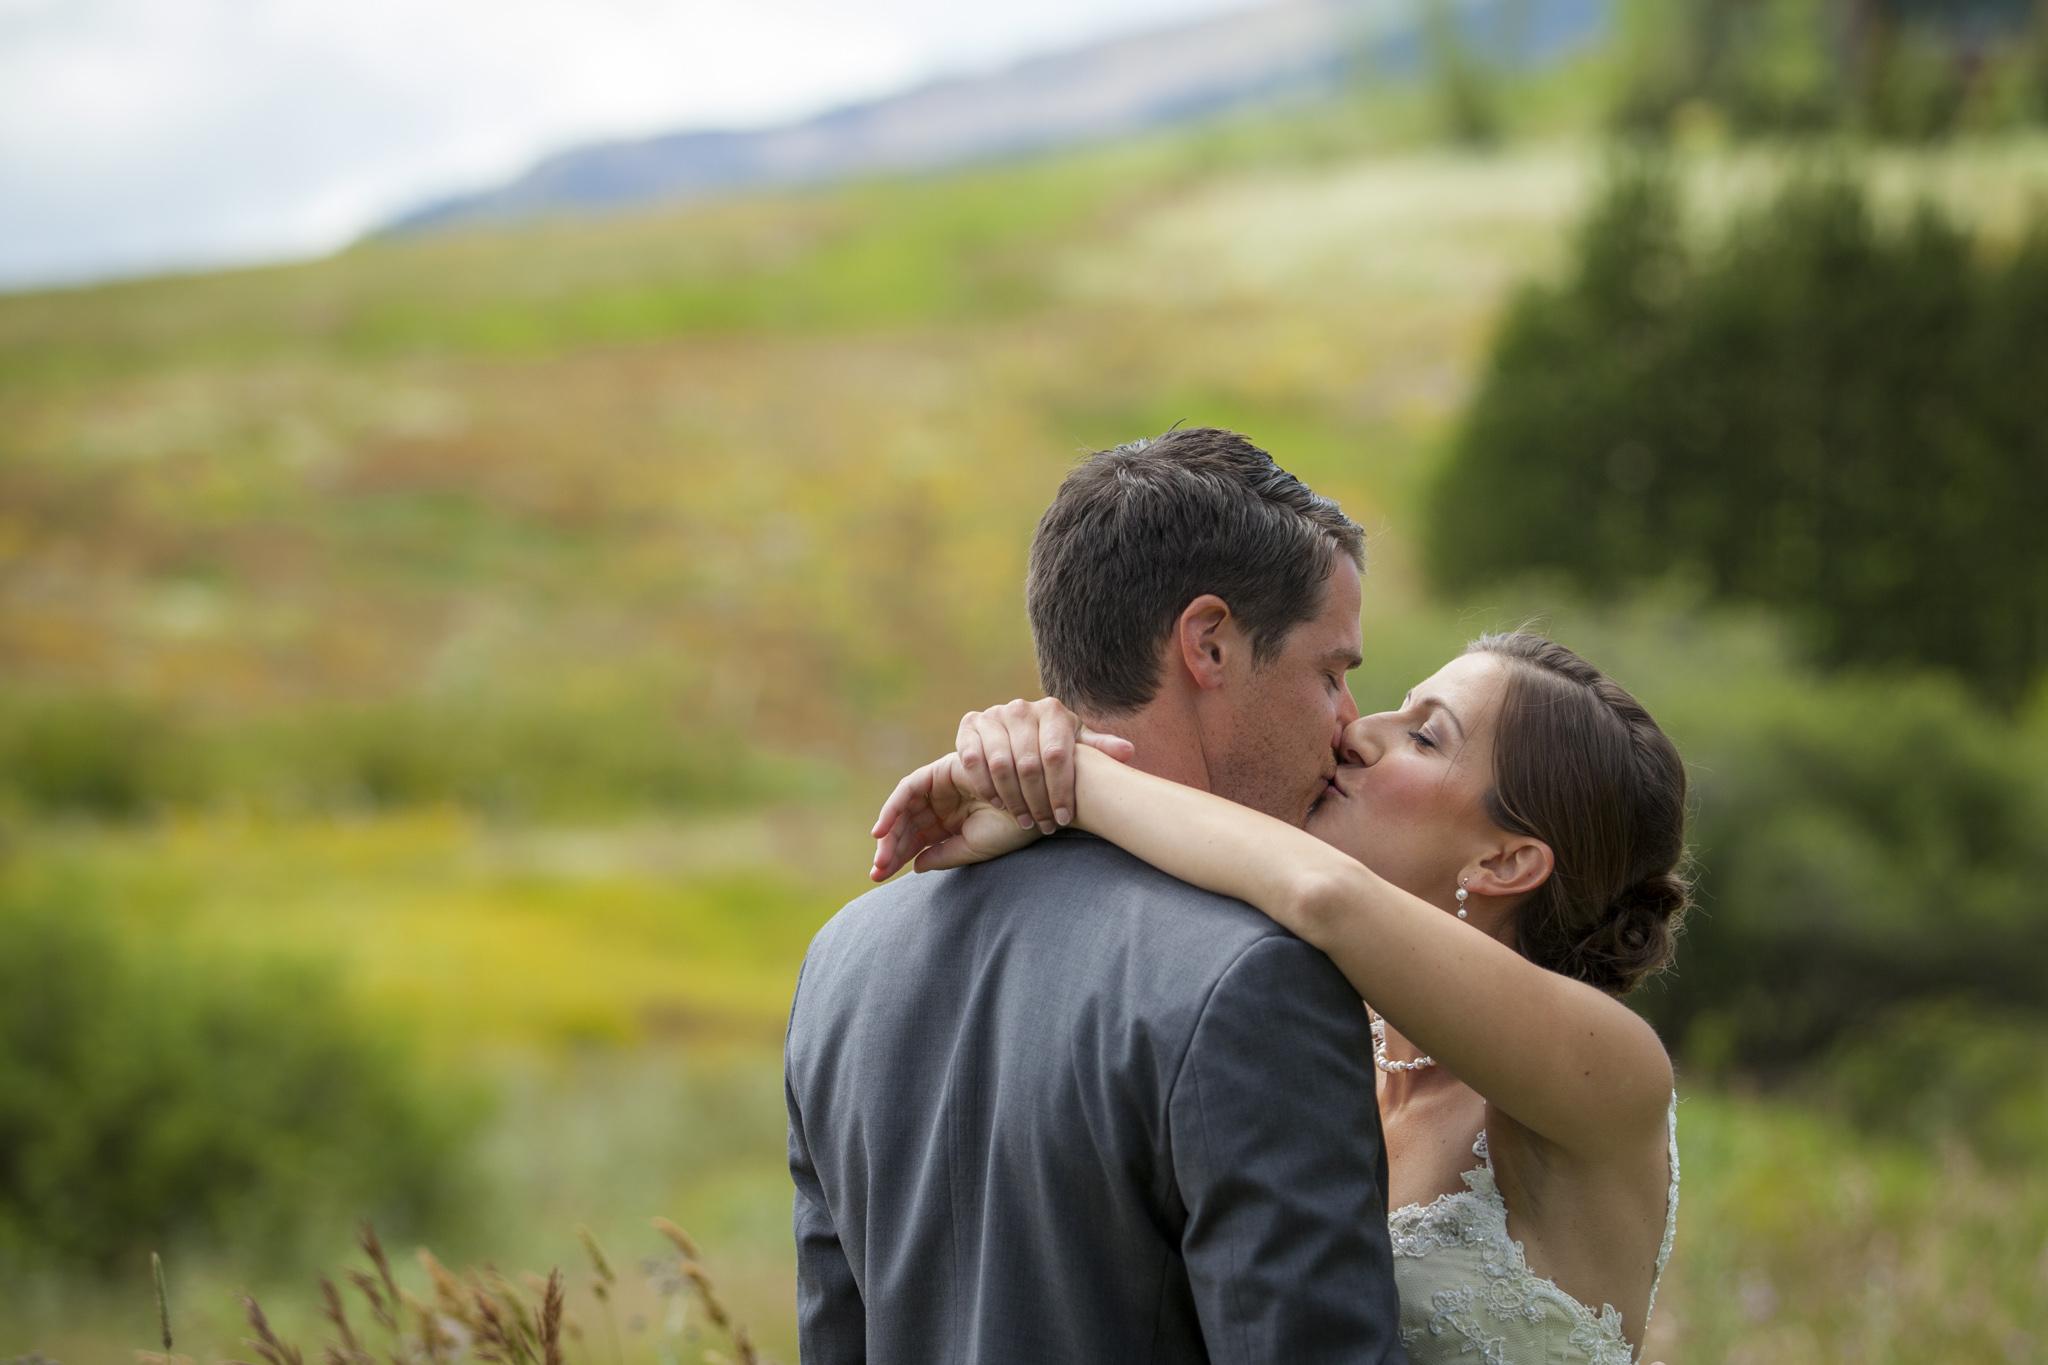 Lauren&Brian-PERSONAL TONED-150808-019.jpg